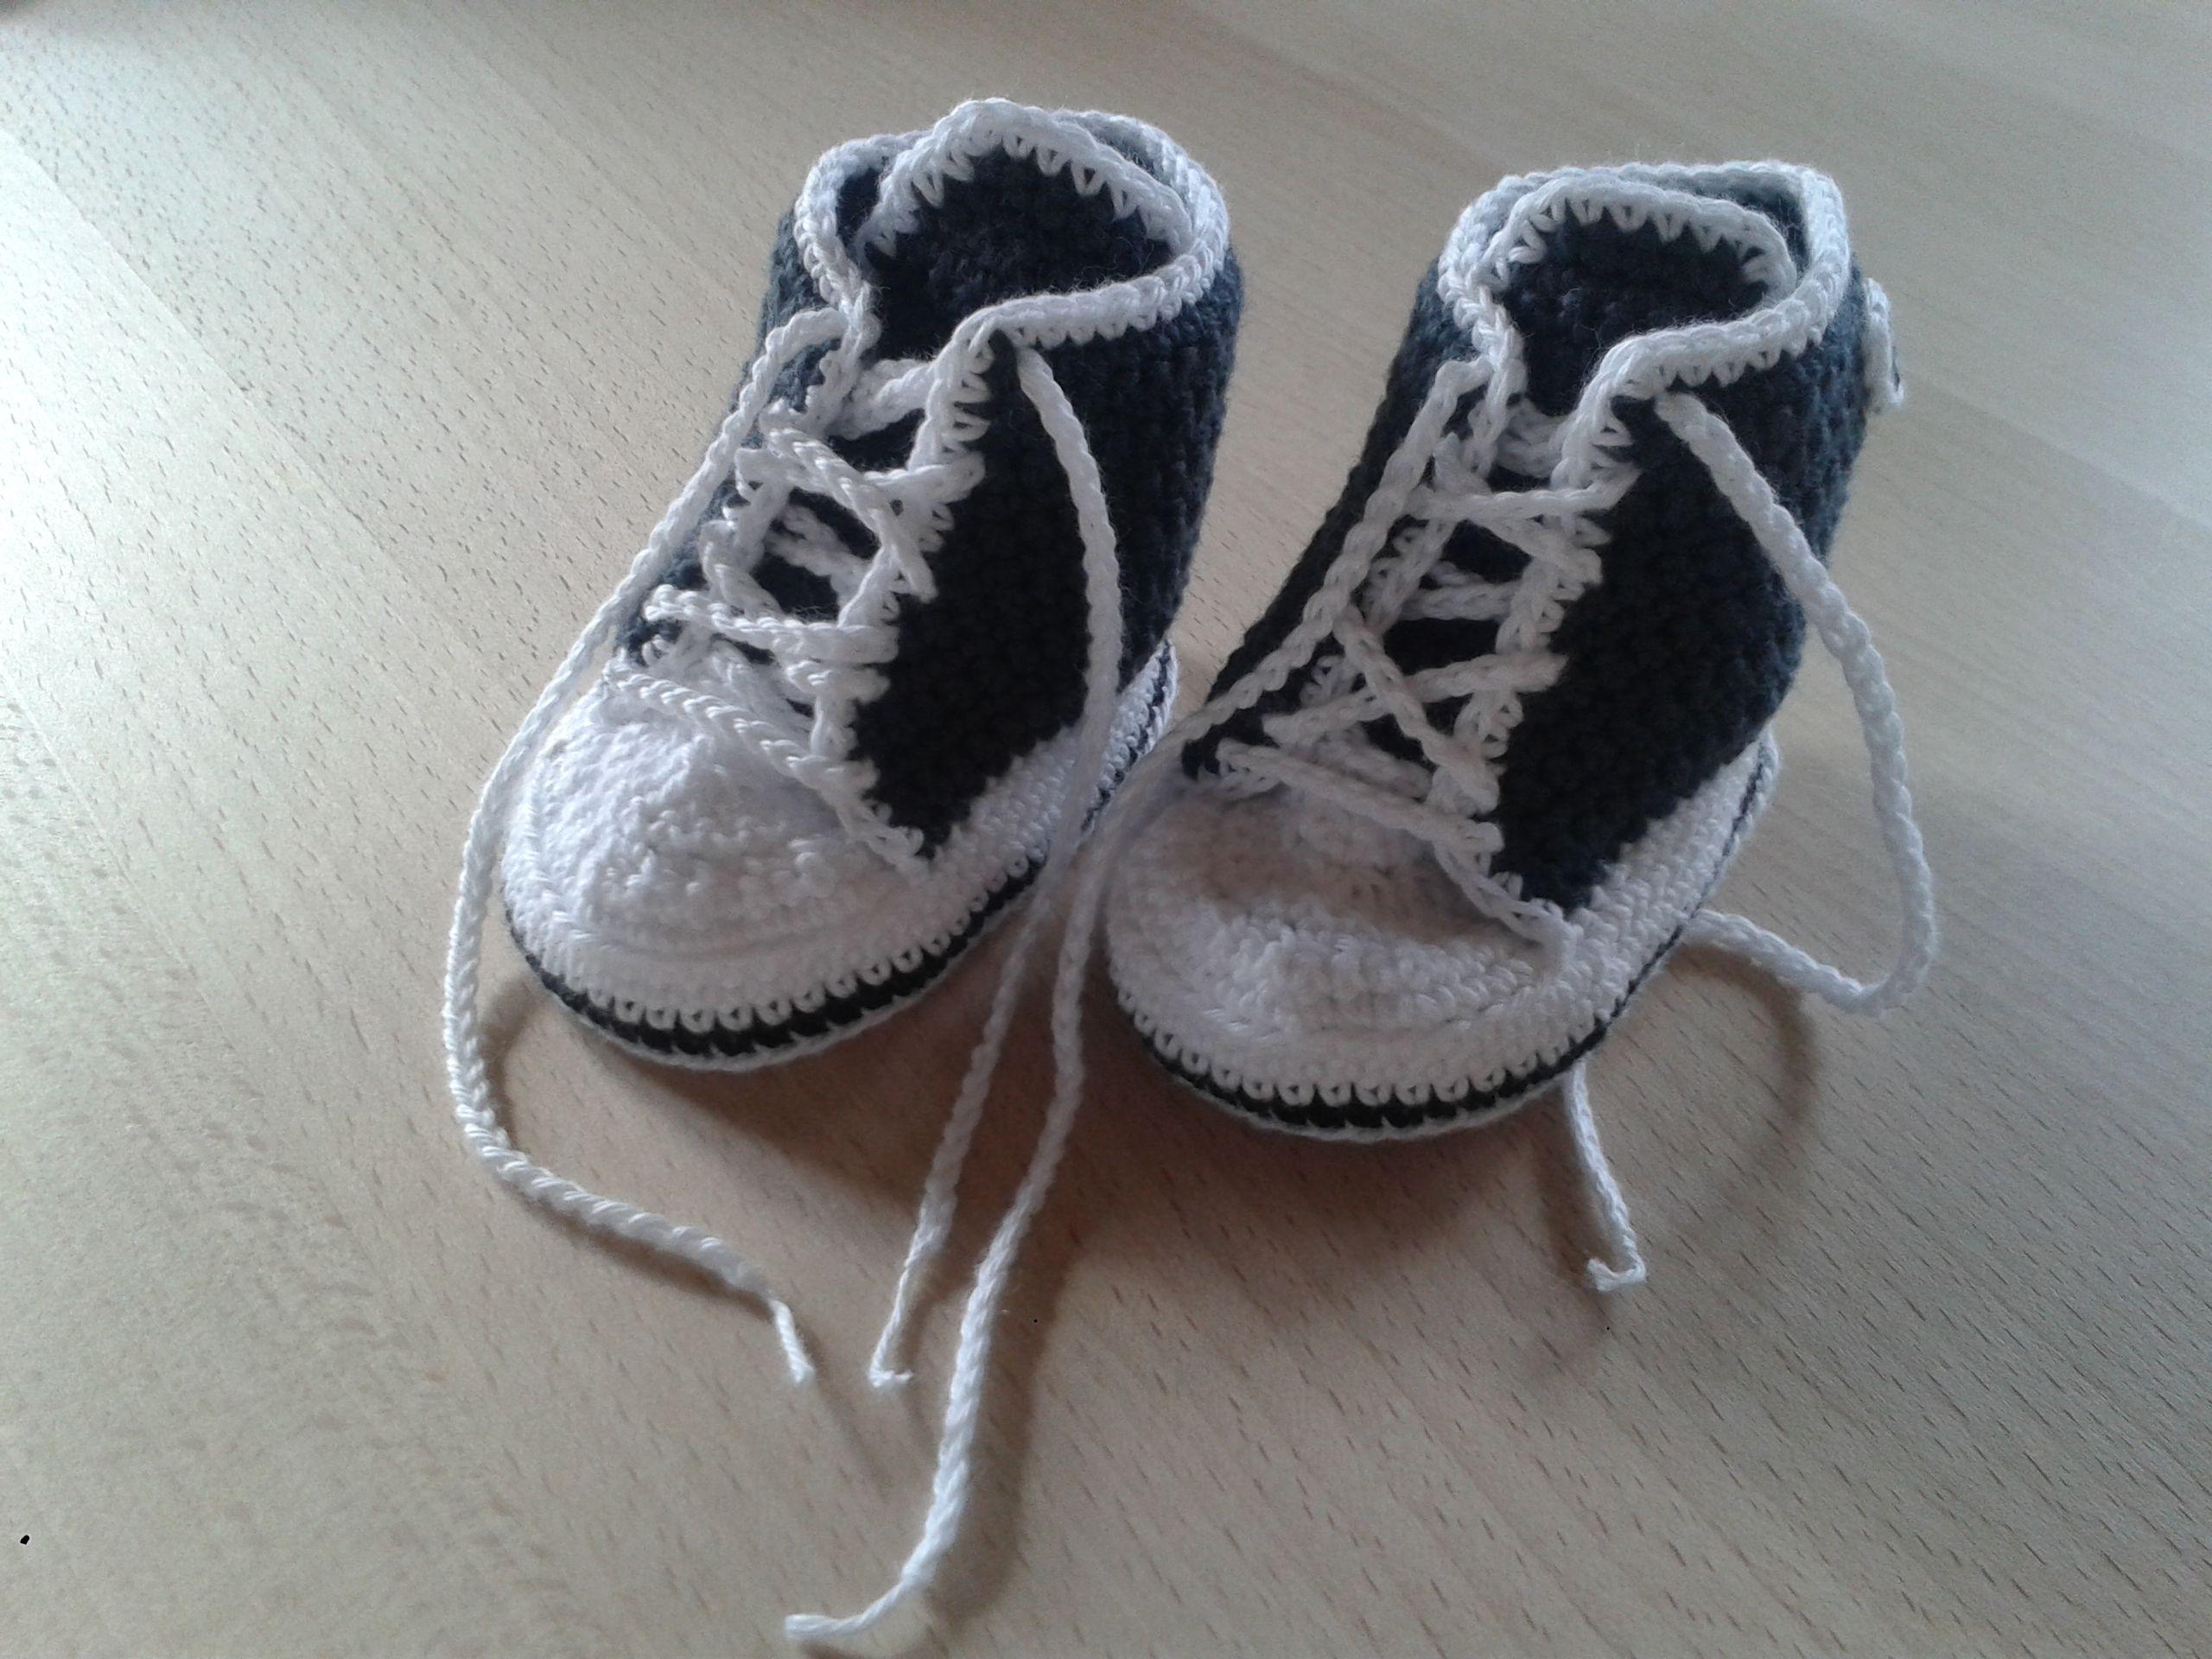 Baby converse MIMČO  Baby converse, Hæklet baby sko og    Baby converse   title=  6c513765fc94e9e7077907733e8961cc         MIMČO   Baby converse, Hæklet baby sko og